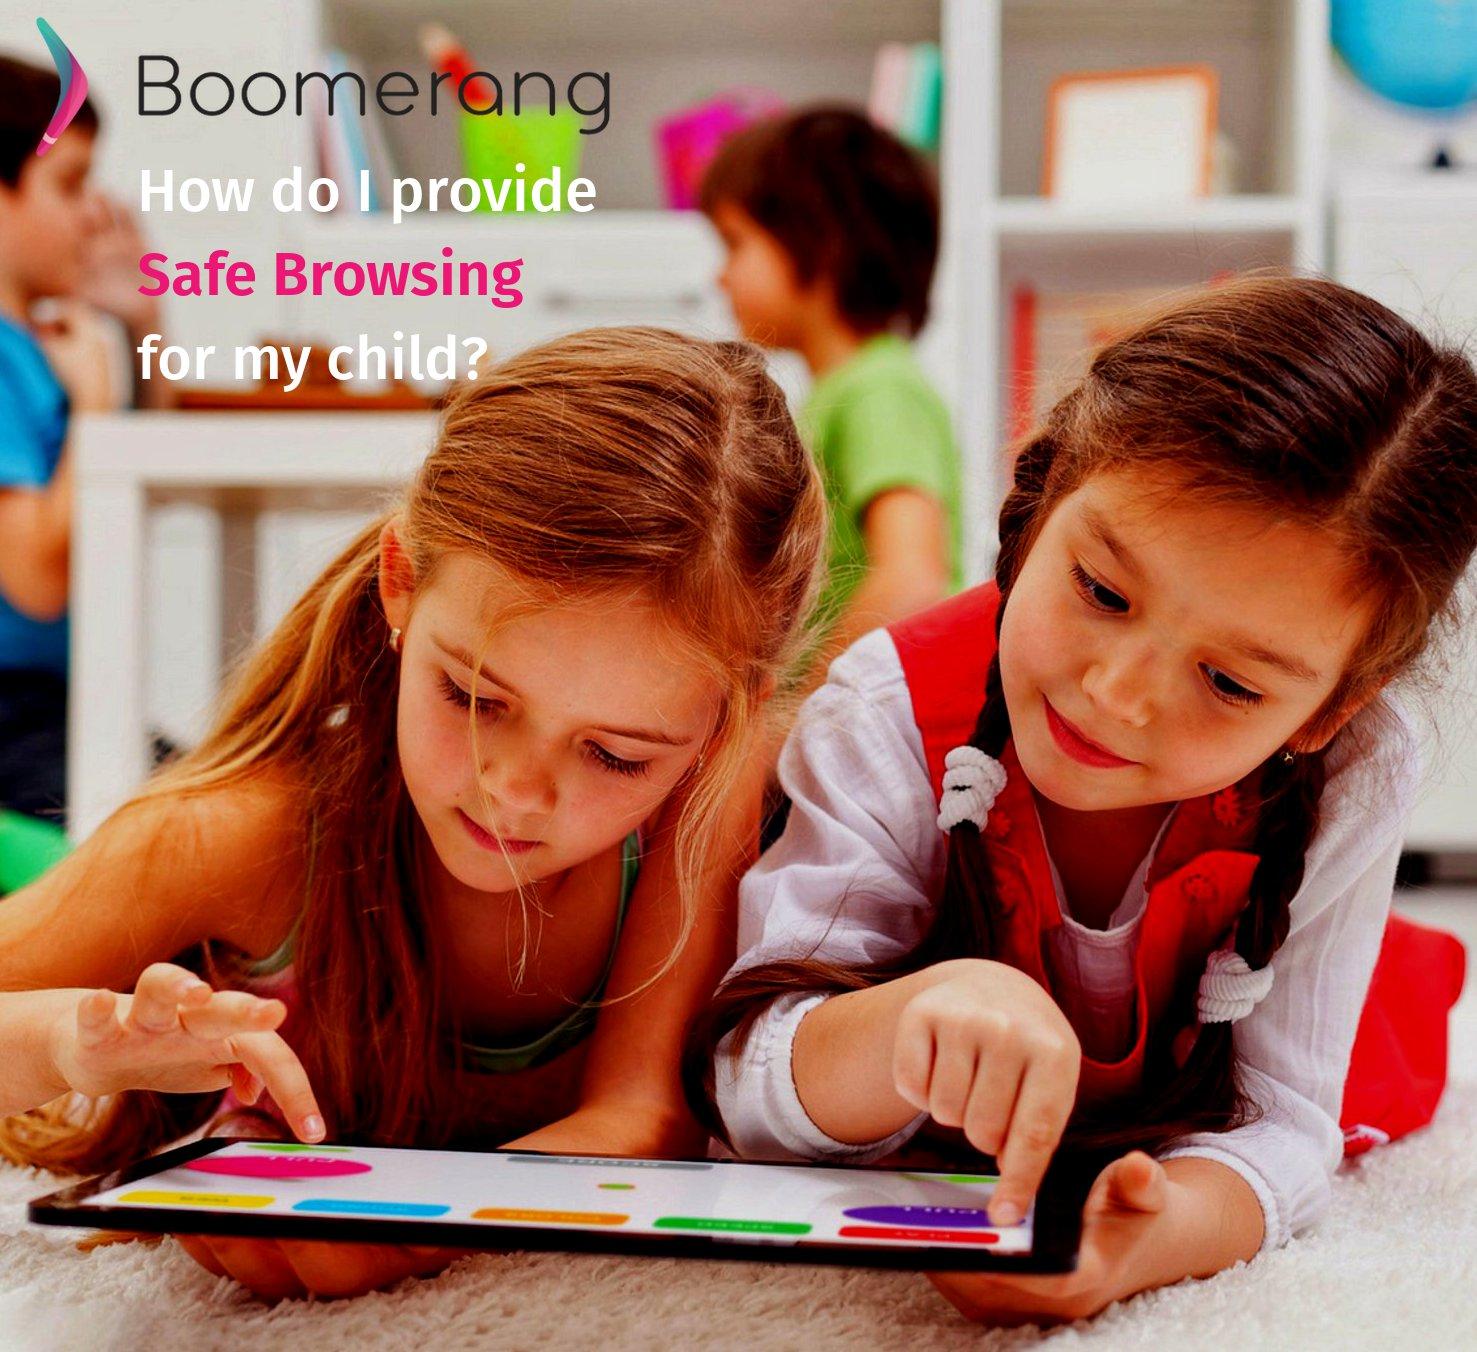 KidsSafeBrowsing